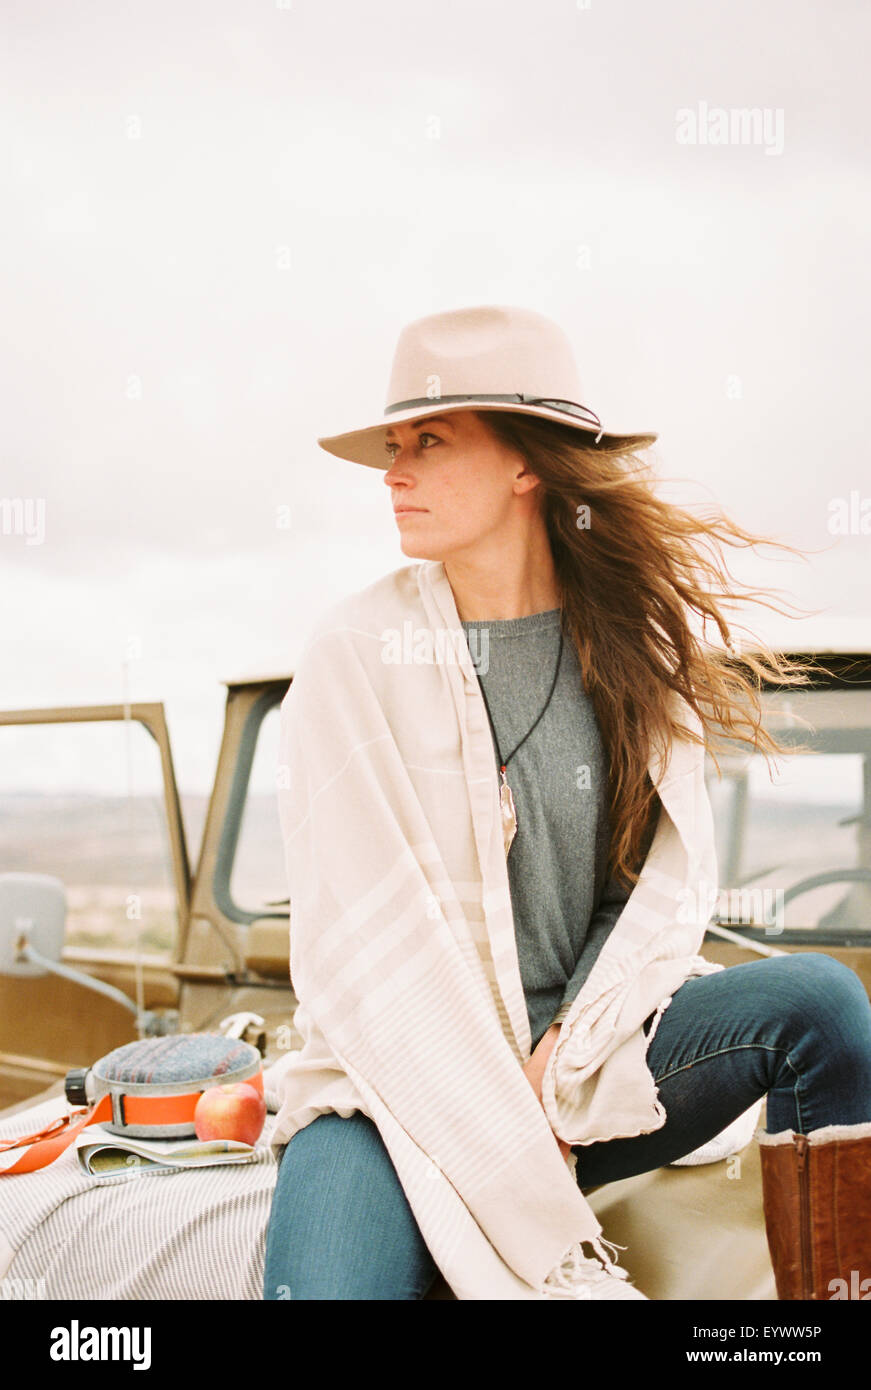 Mujer con sombrero sentado en la parte delantera de un jeep mirando a su alrededor. Imagen De Stock